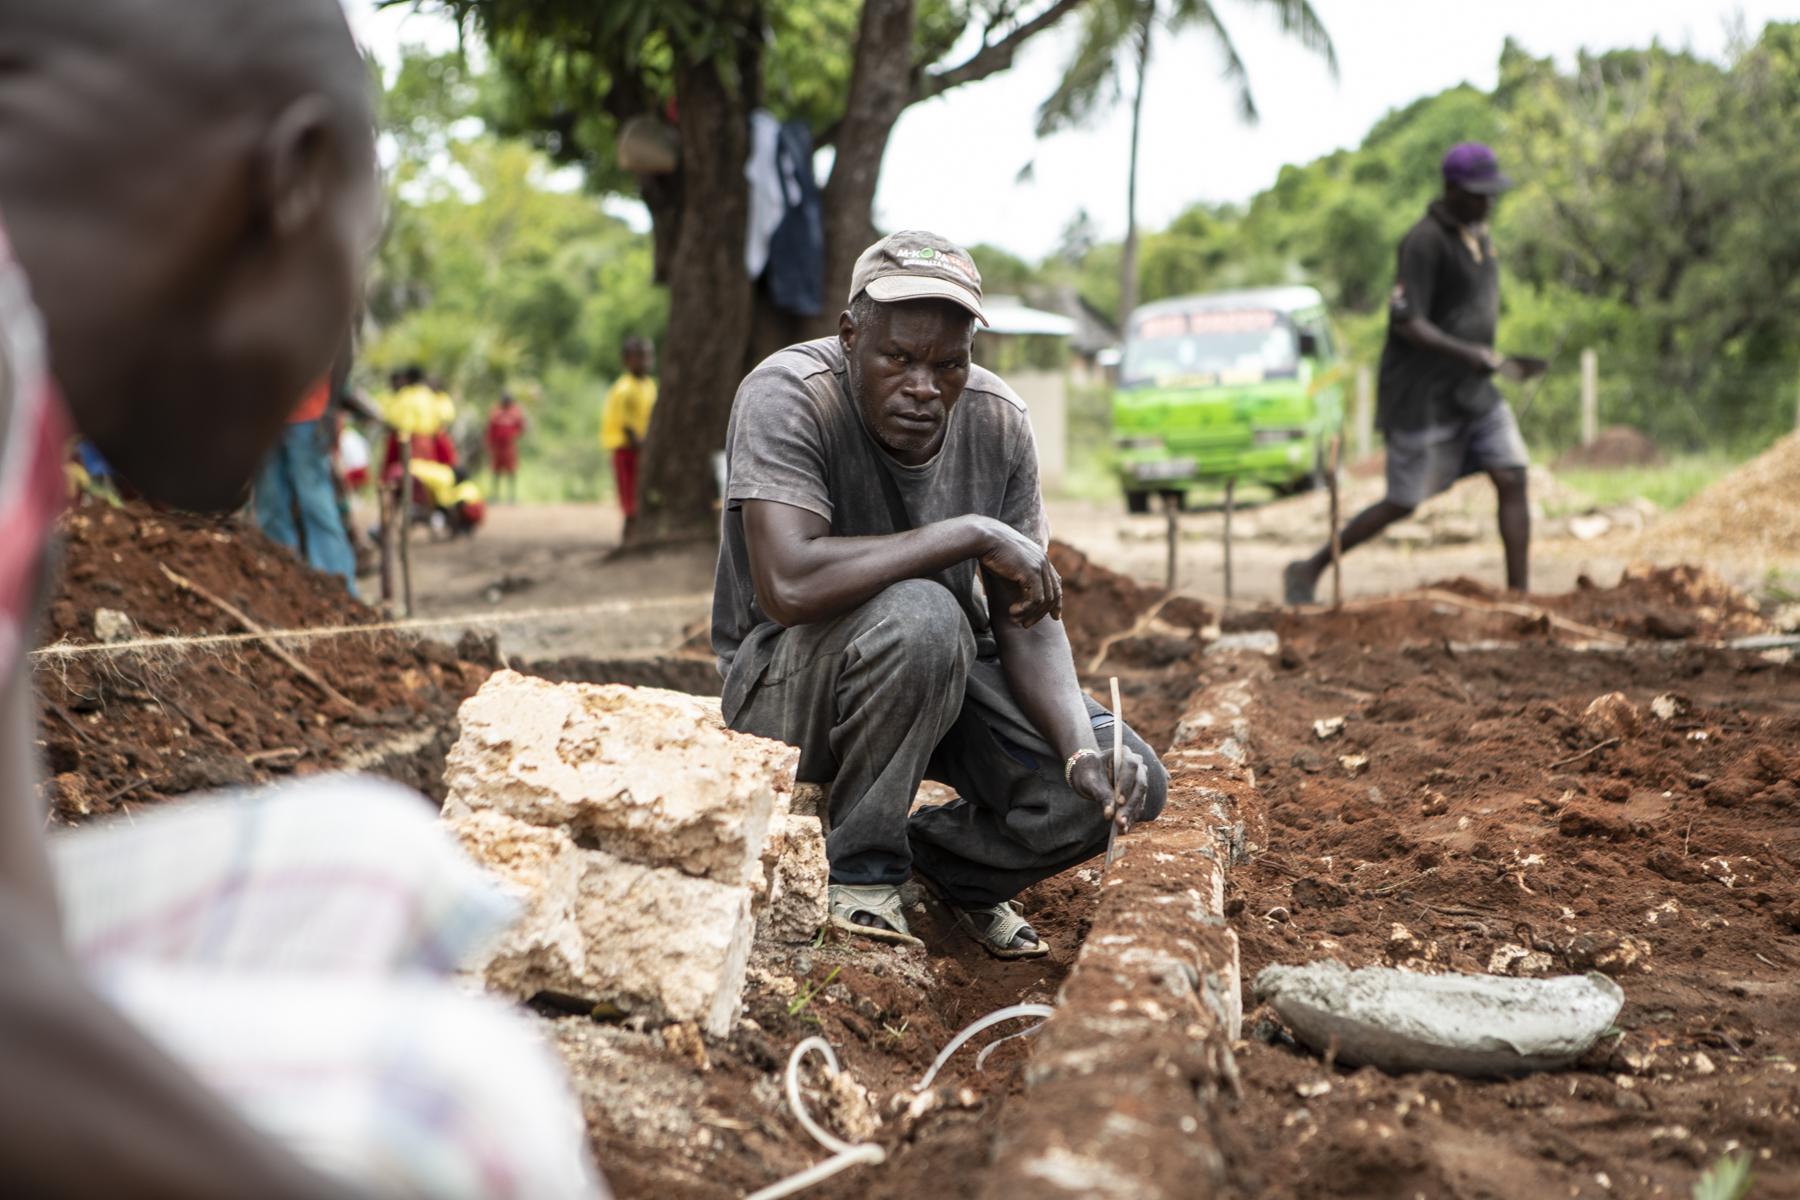 Um eine gerade Ebene zu erreichen greifen die Fundis zu den einfachsten physikalischen Mitteln: ein alter Wasserschlauch hilft dabei.